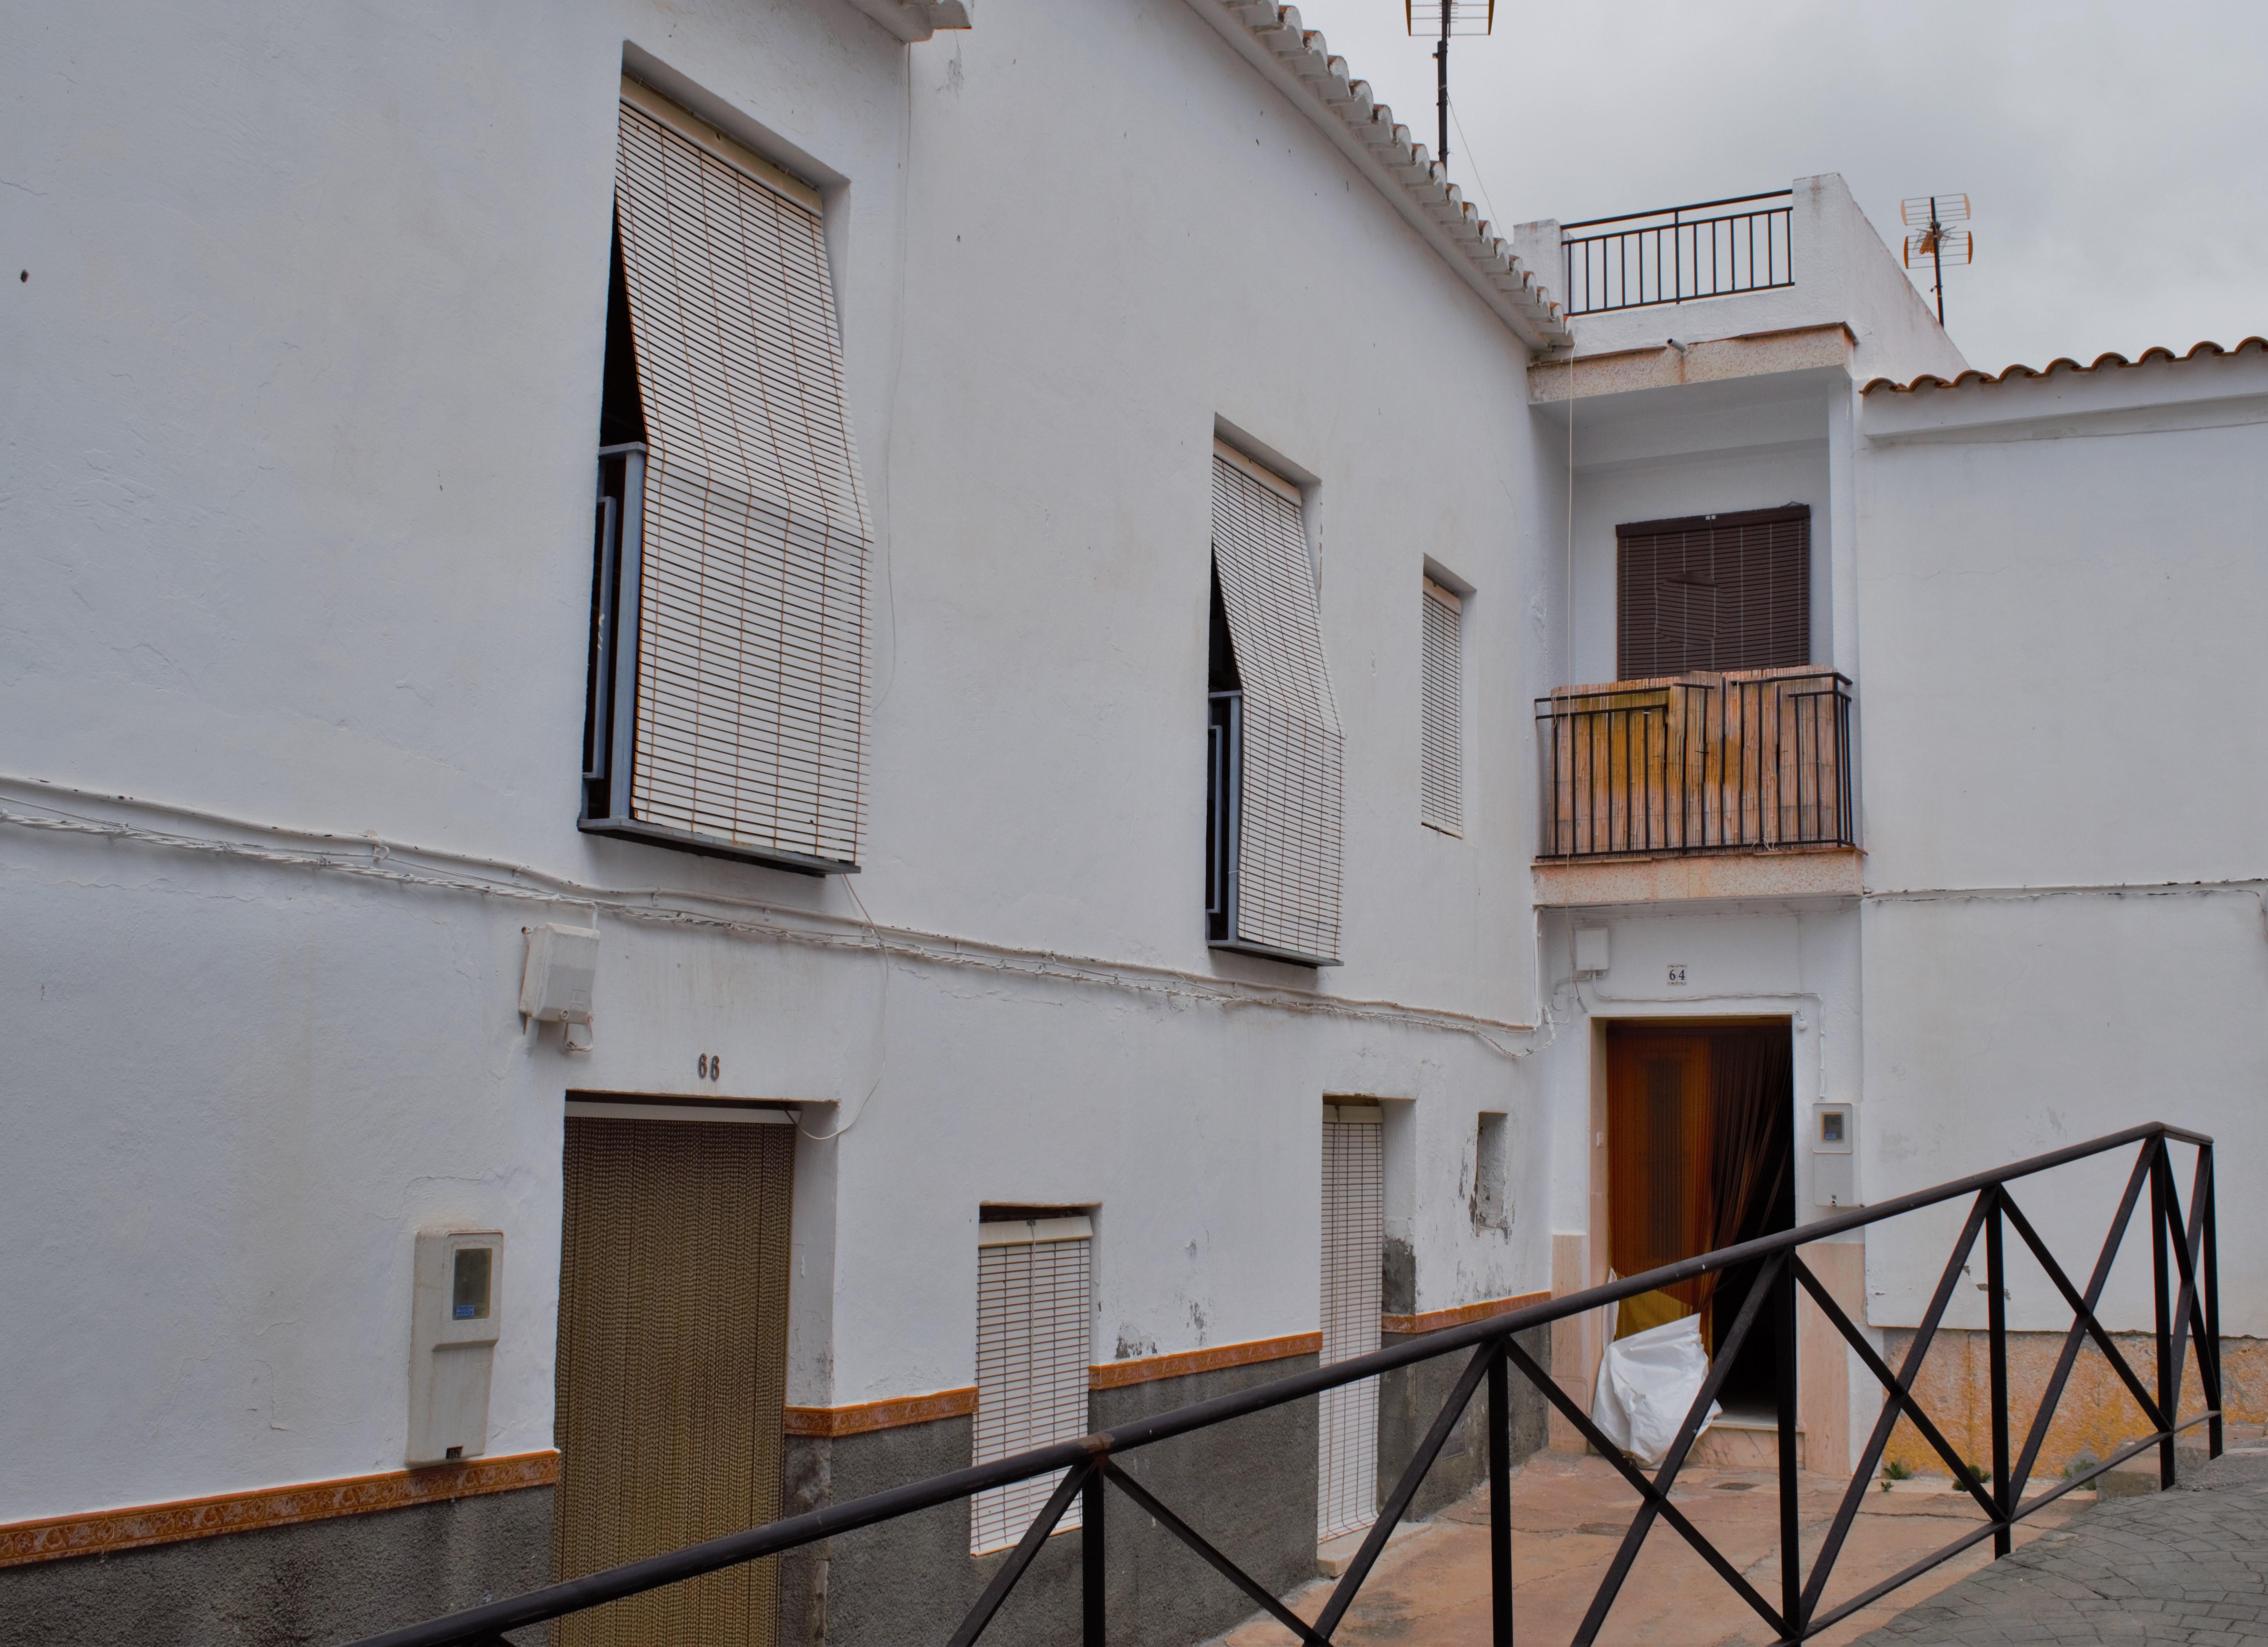 2 bedroom Townhouse for sale in Velez de Benaudalla